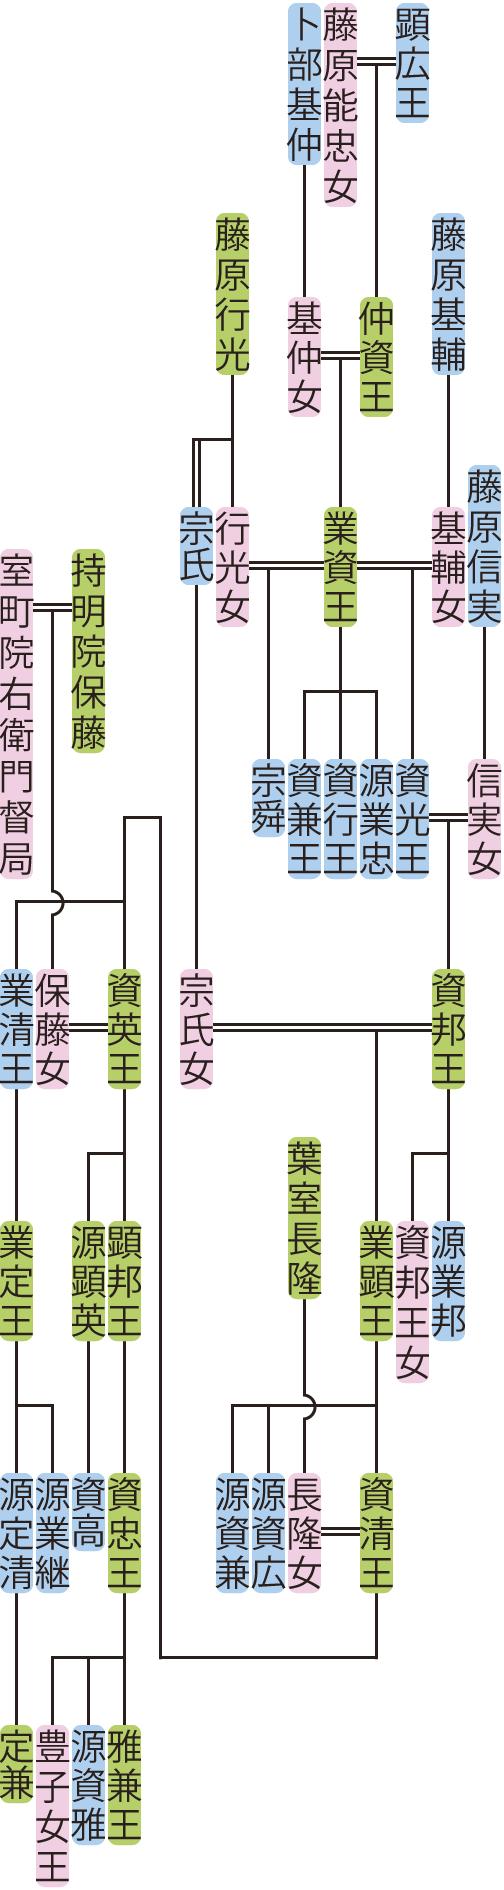 業資王~顕邦王の系図